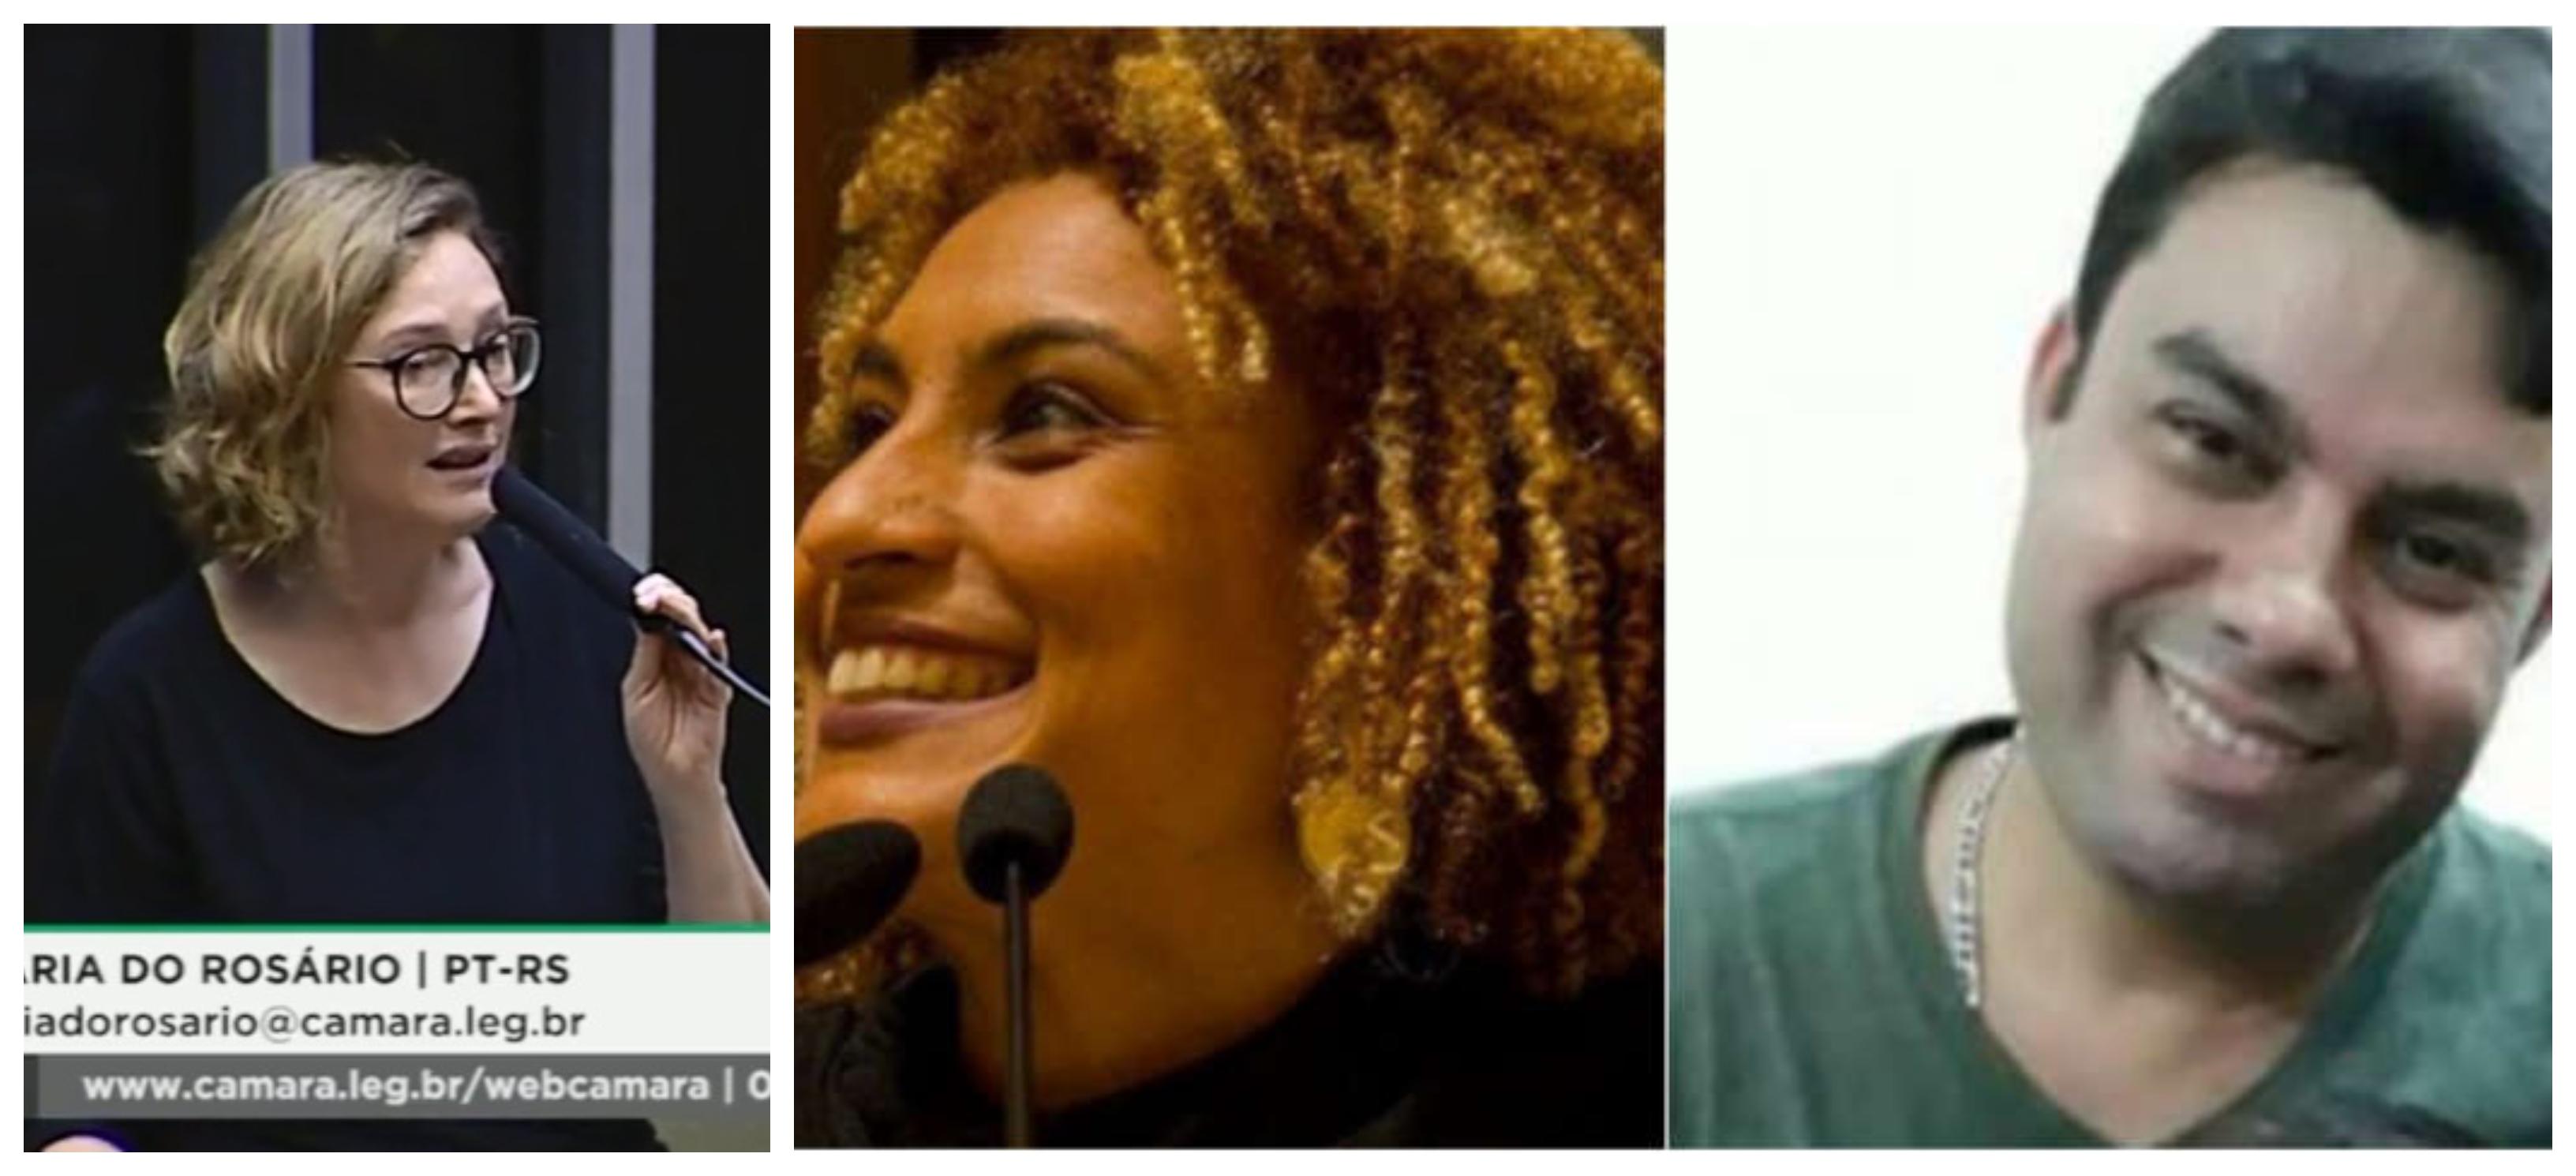 Rosário pede CPI das milícias para apurar envolvimento de políticos no assassinato de Marielle e Anderson; veja vídeo